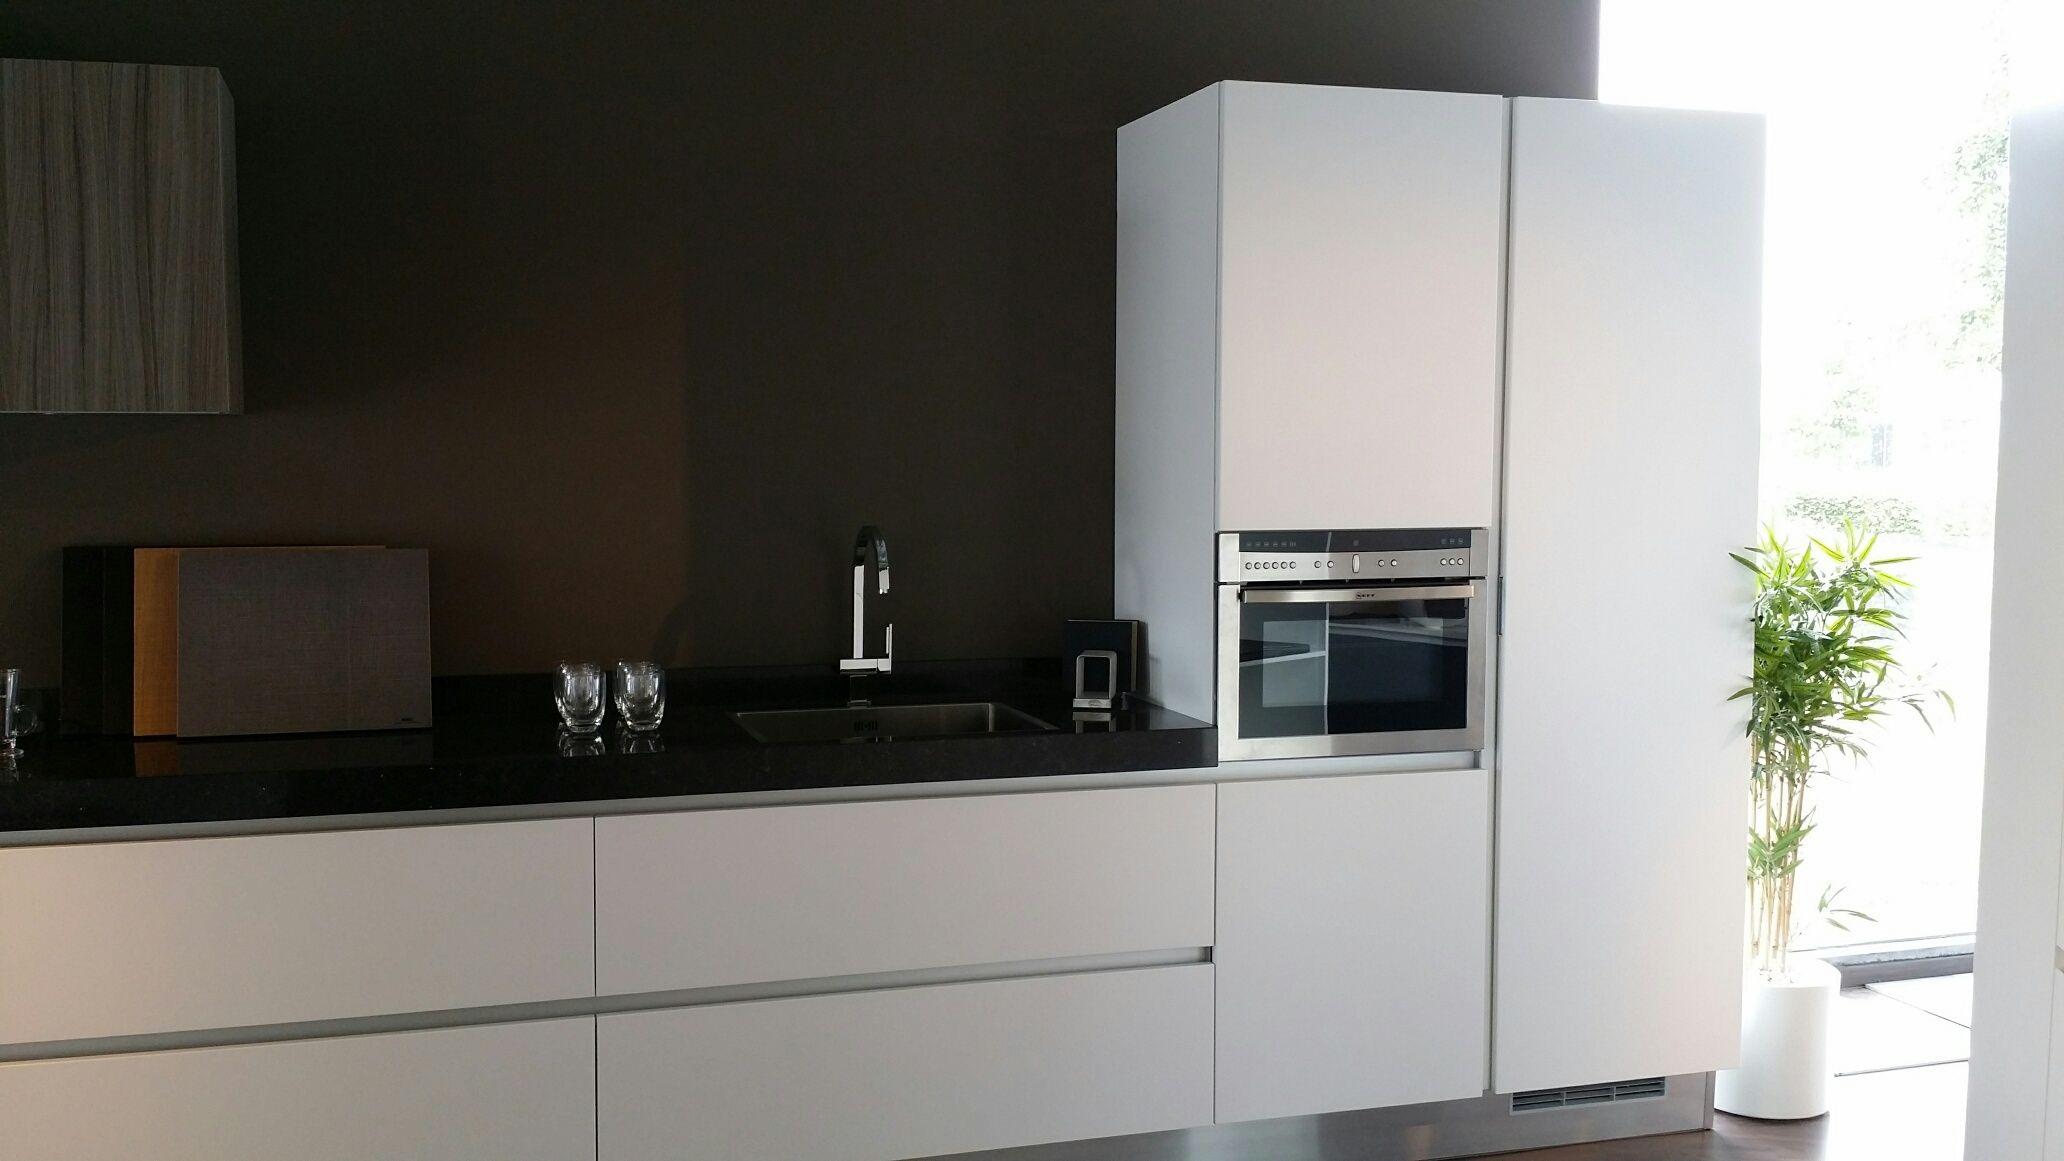 De voordeligste woonwinkel van nederland aster cucine model atelier mat - Model keuken wit gelakt ...